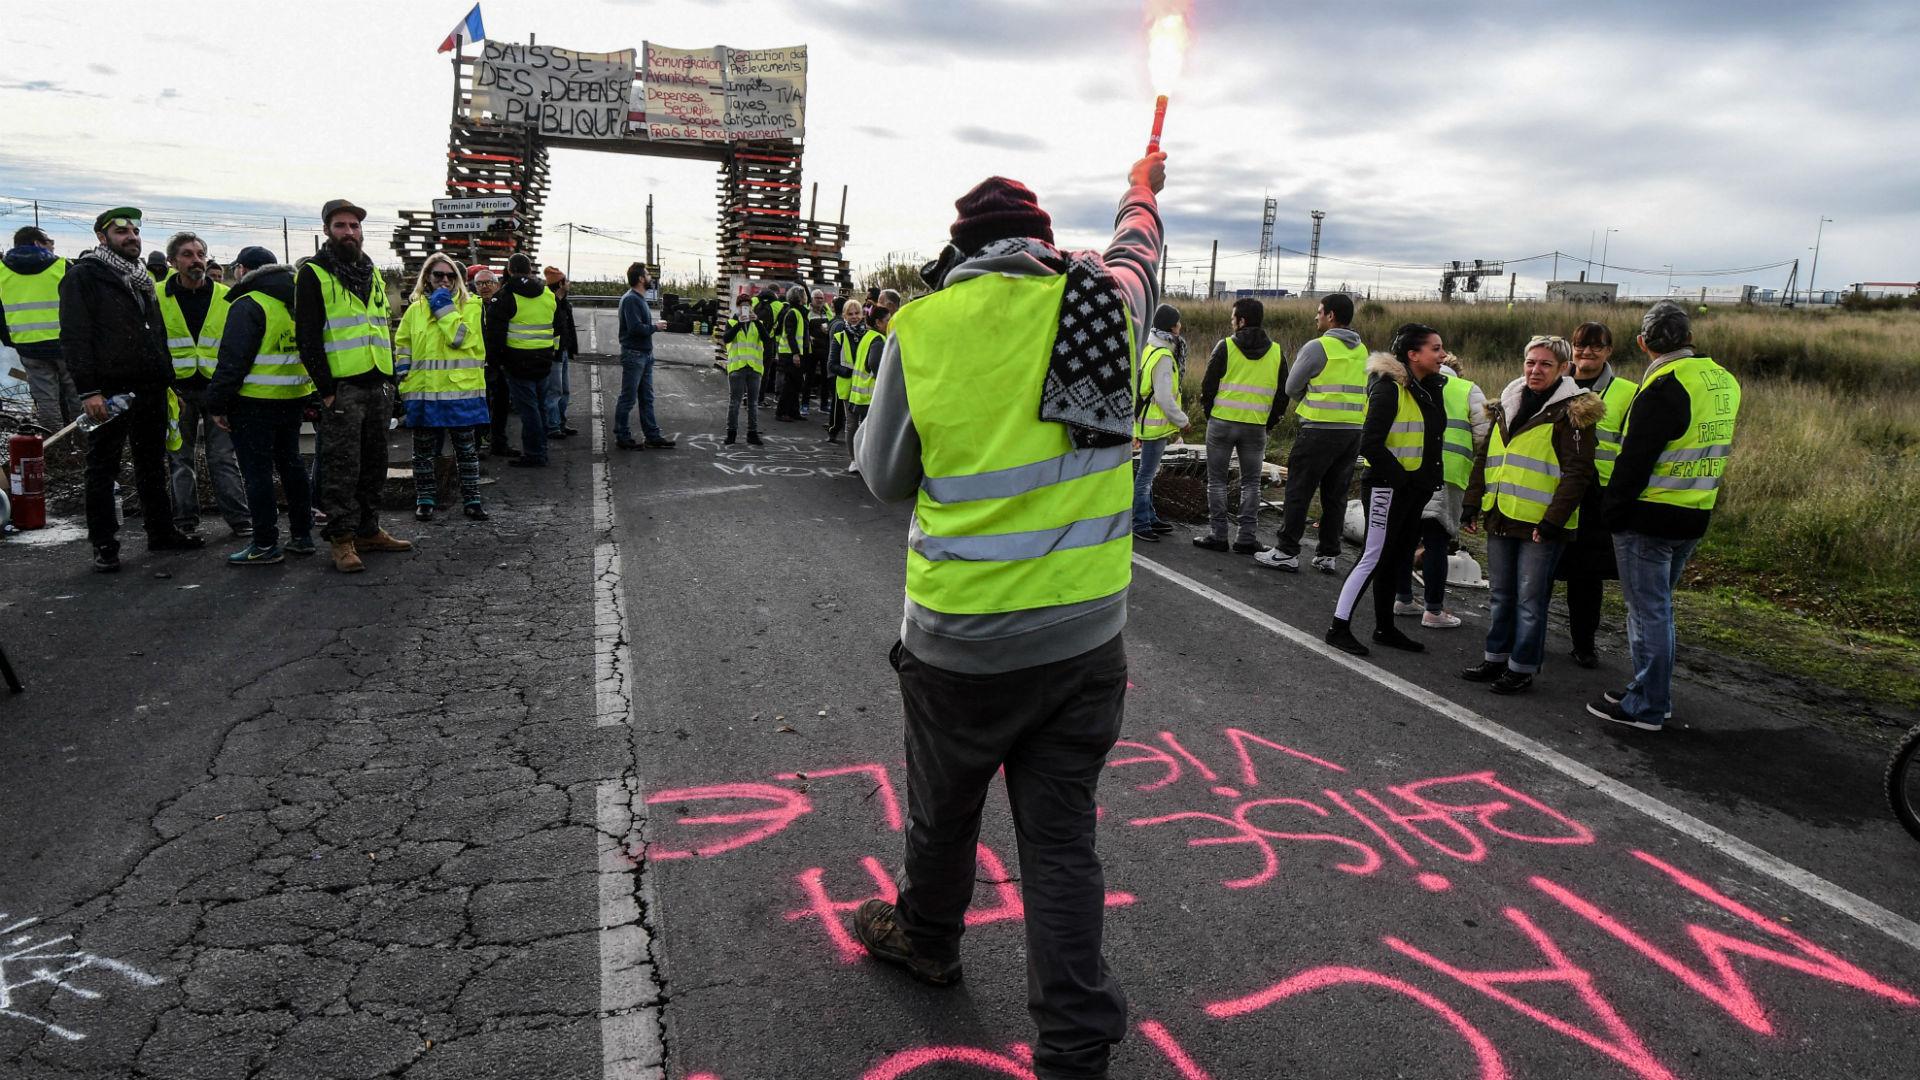 Aulas se paie le DG de la LFP — Lyon